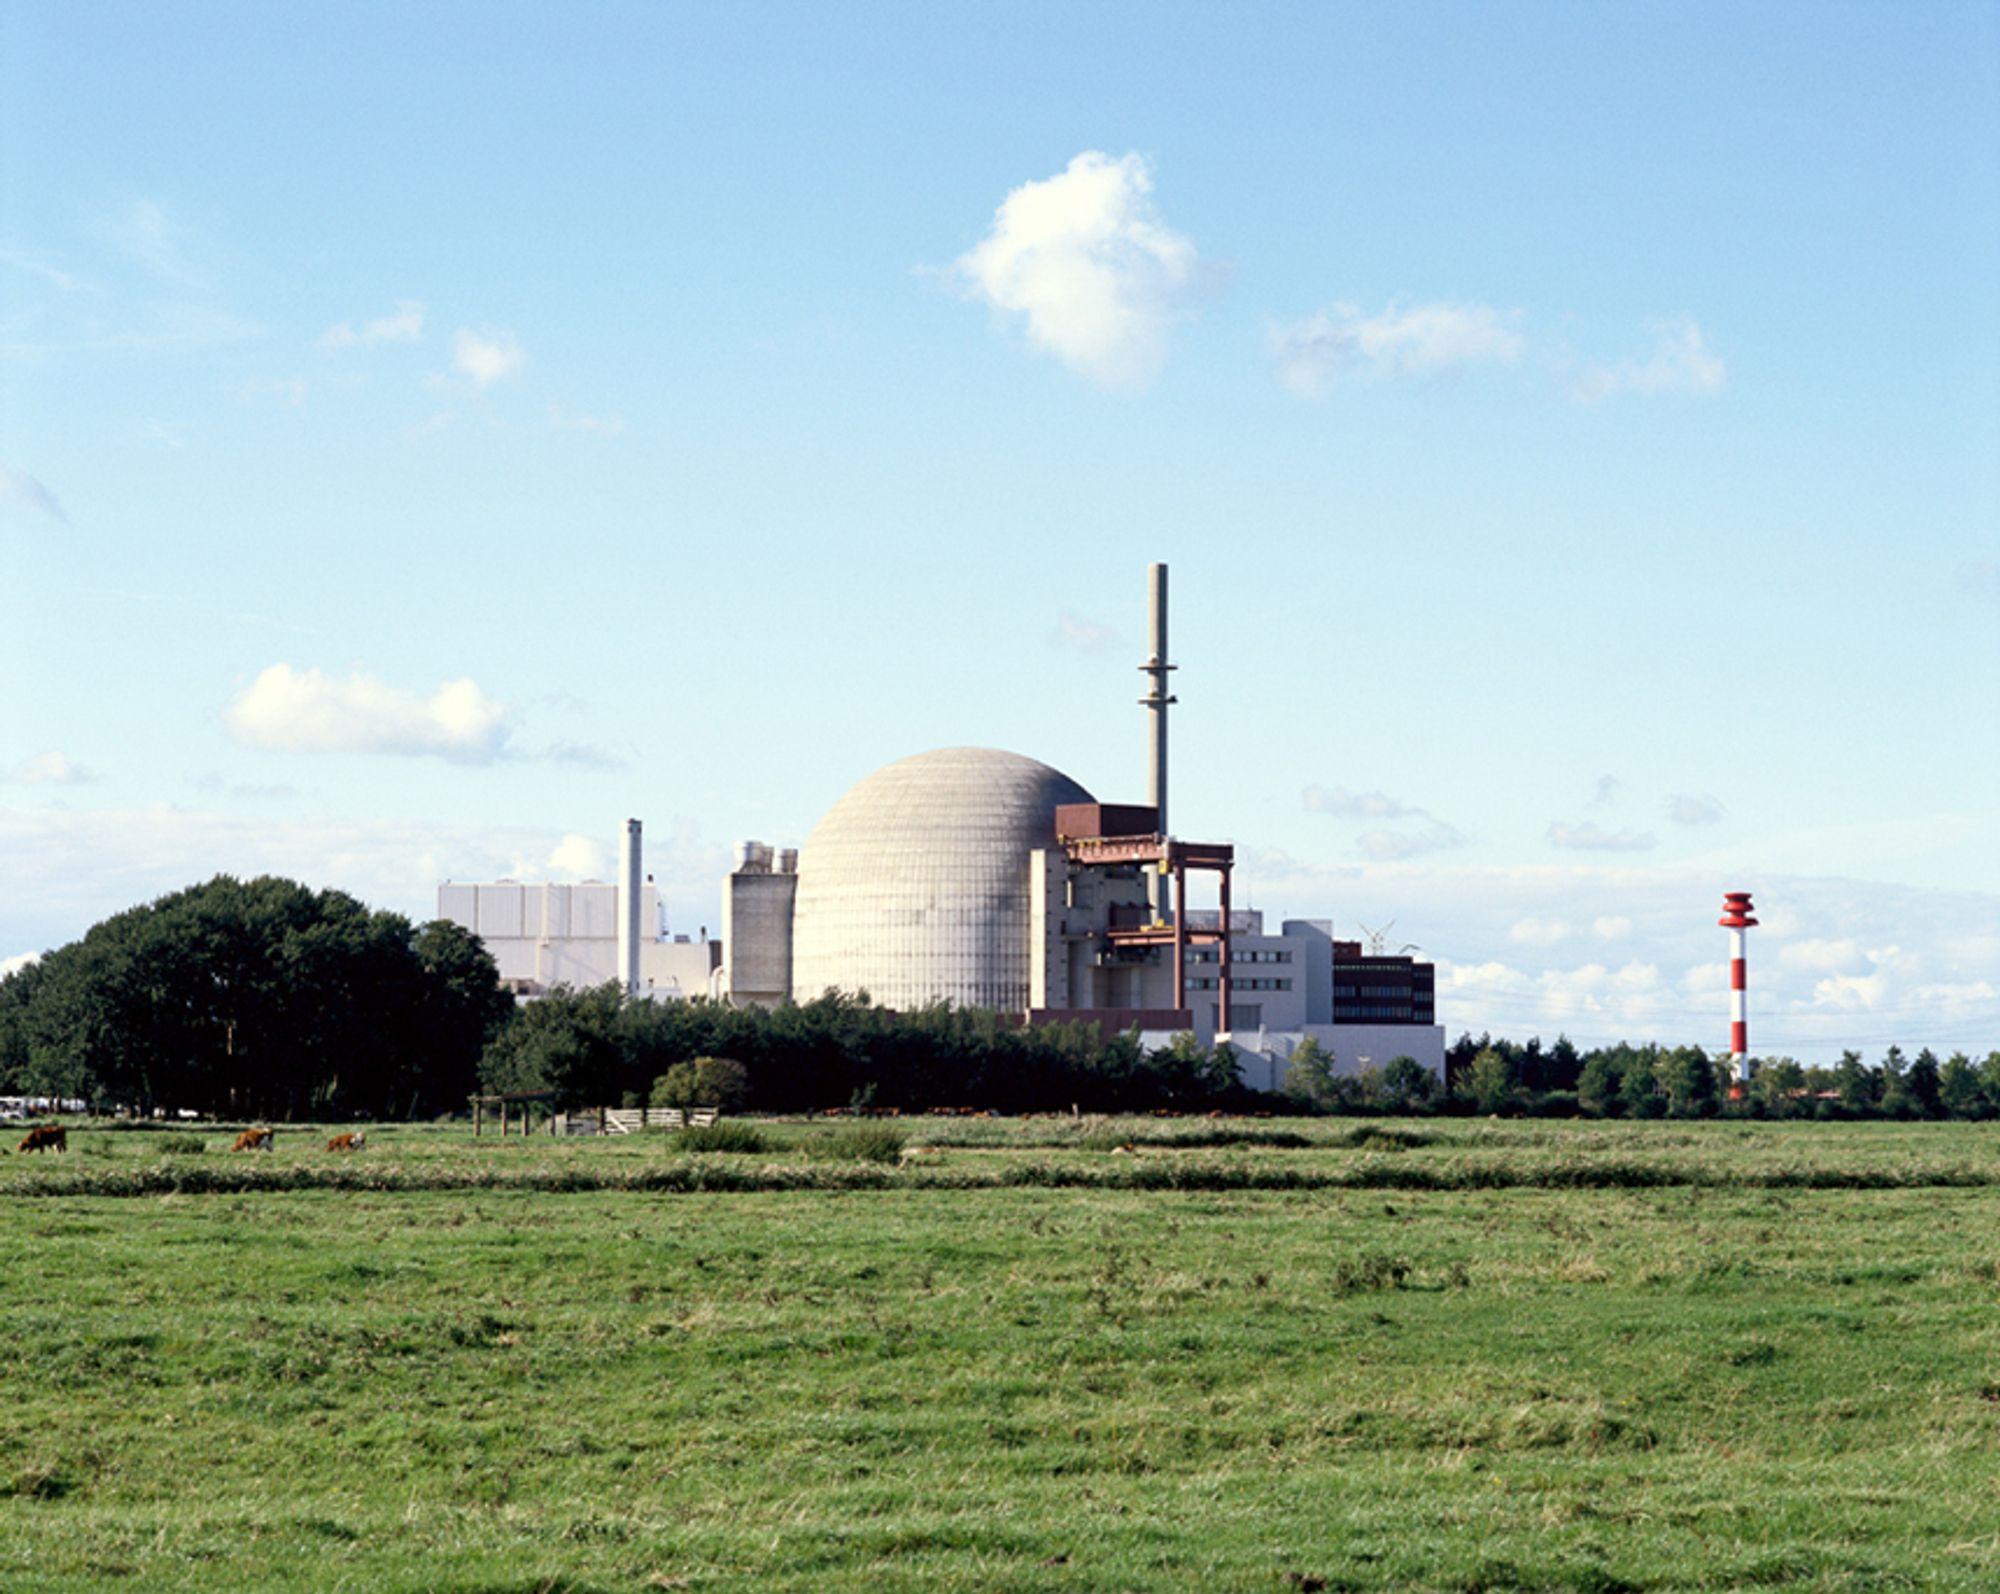 UTÅLMODIGE GRØNNE: Den tyske regjeringen vil fase ut all tysk kjernekraft innen 2022, men partiet De grønne mener det blir for sent.